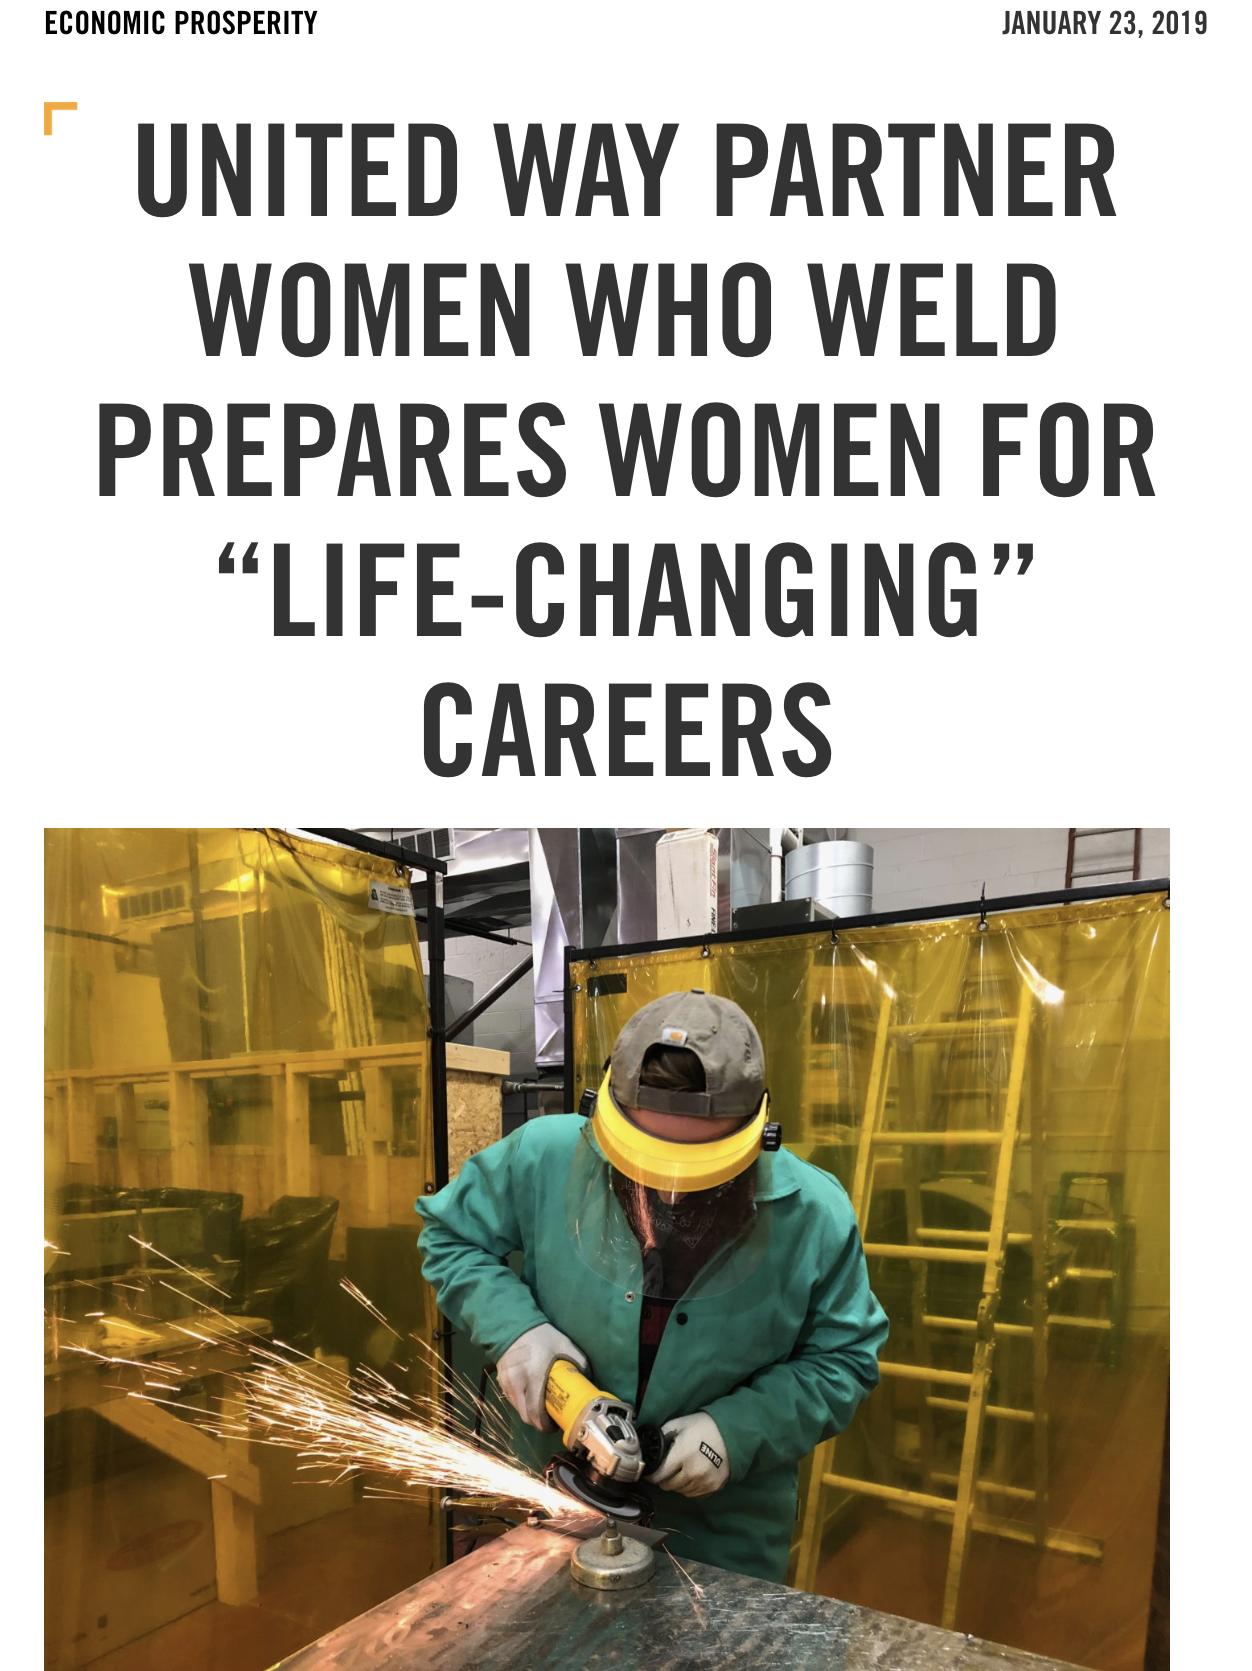 women-who-weld_female-welder_women-in-welding_uwsem_detroit_jobs_economic-development.png